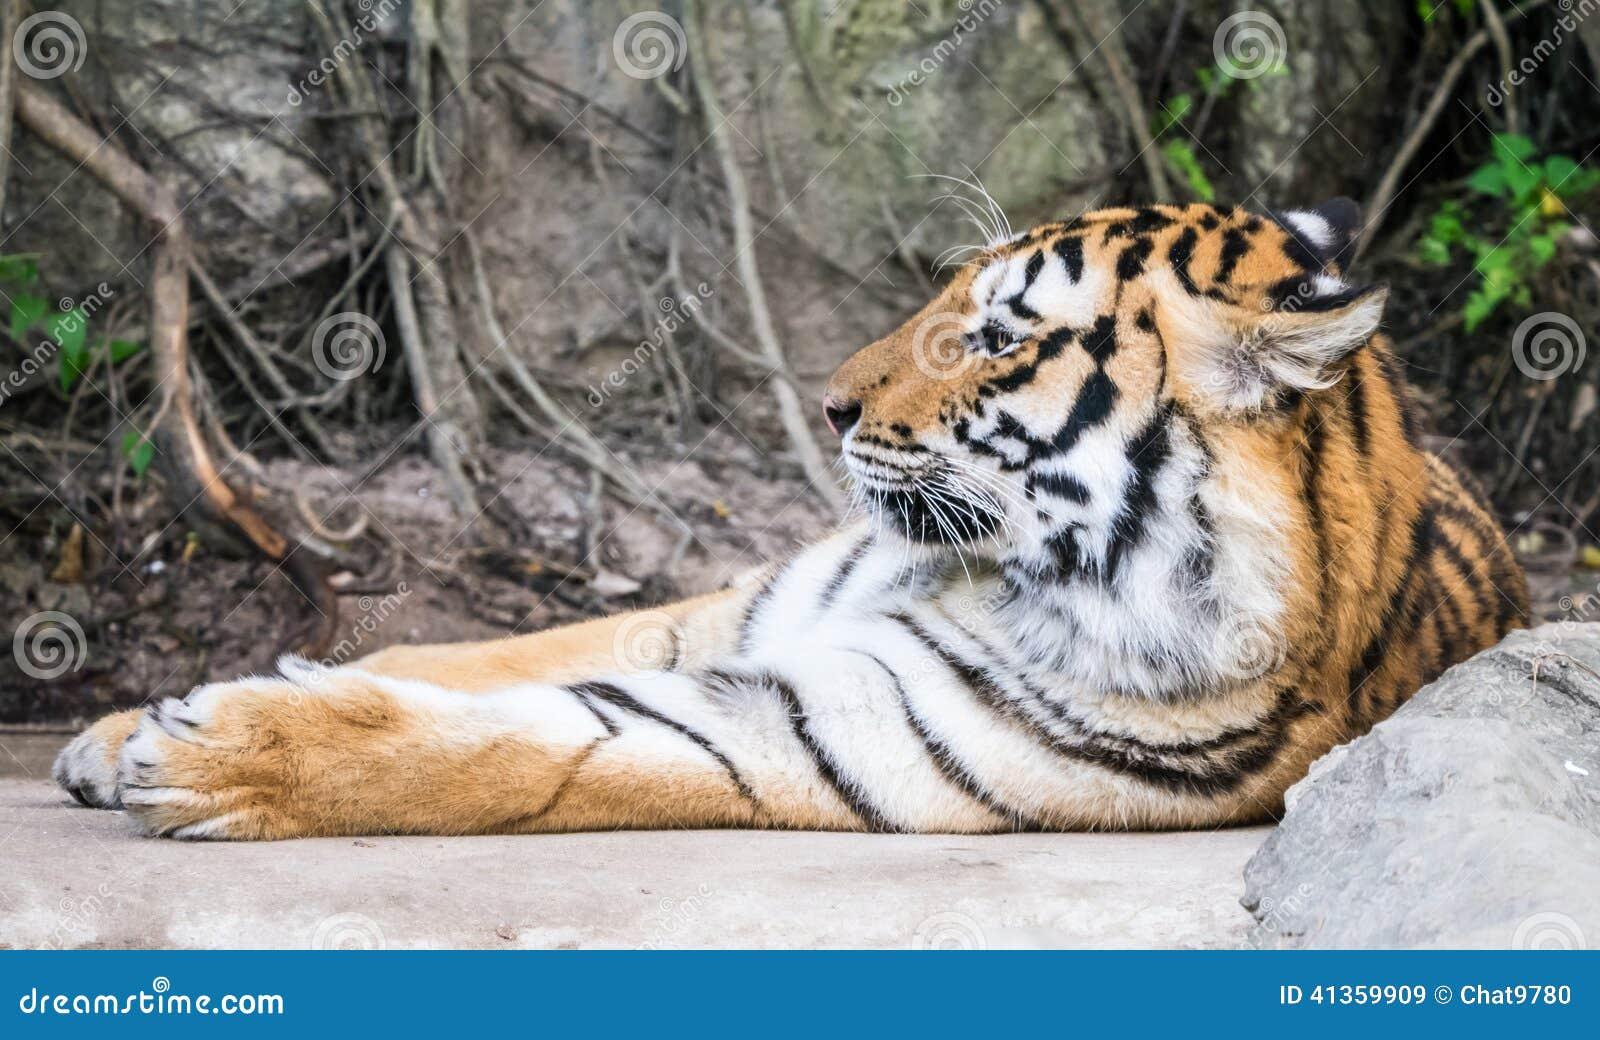 Fotos De Stock Chat9780: Tiger Schlafend Stockbild. Bild Von Katze, Carnivore